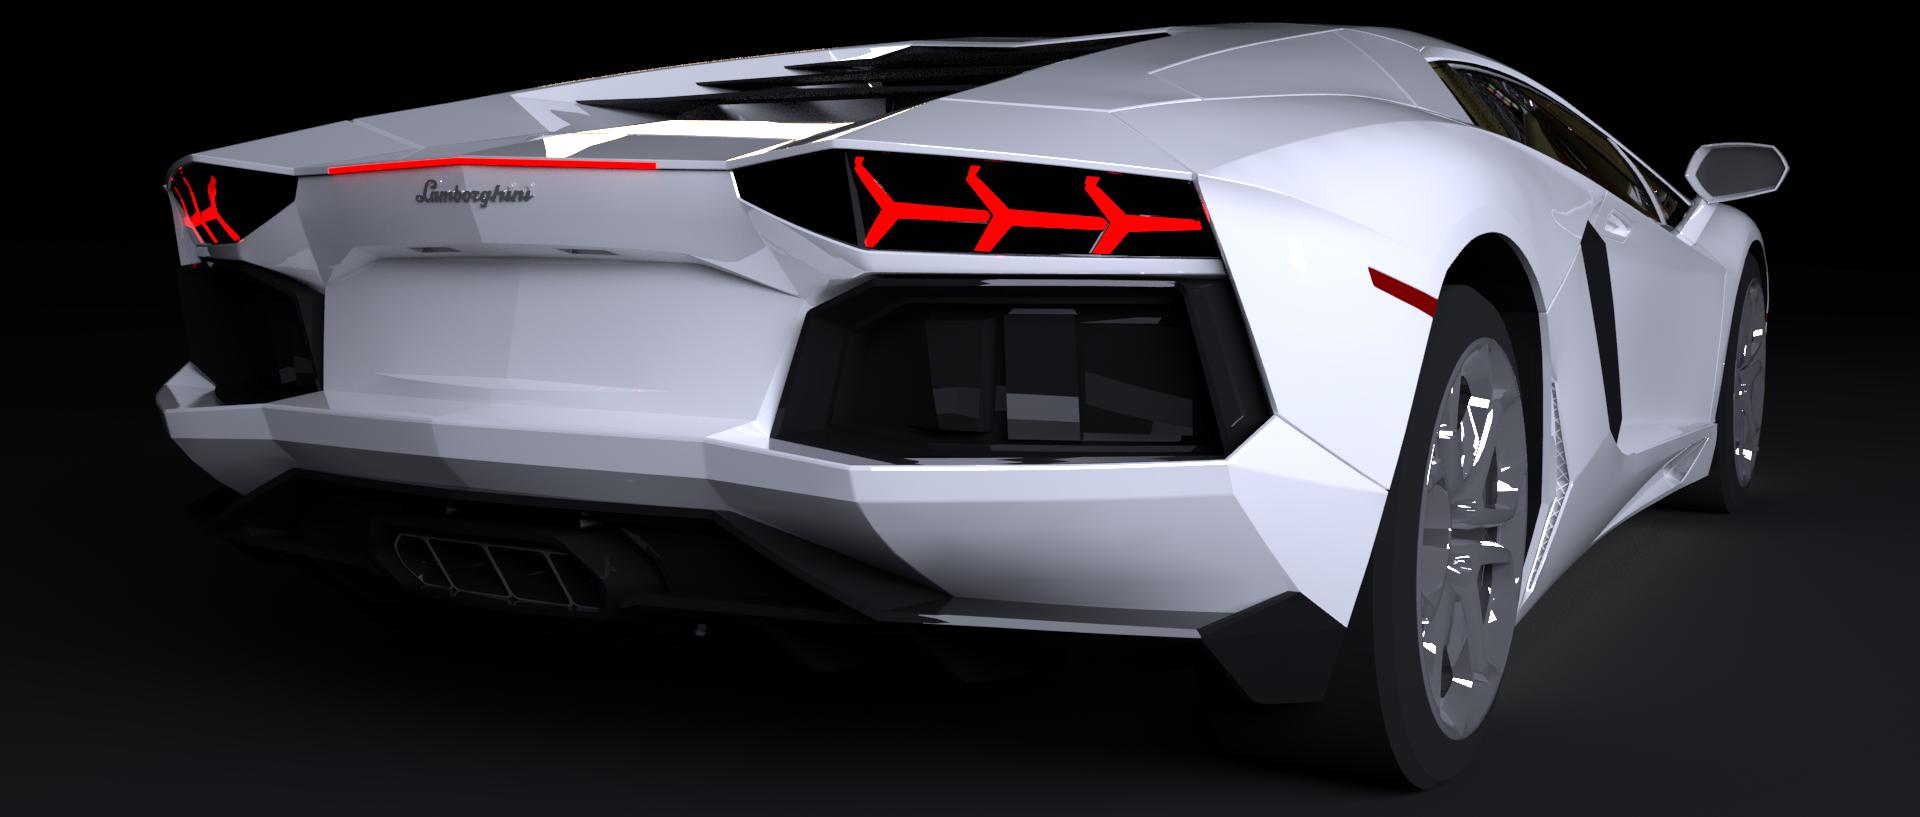 Aventador_Back34